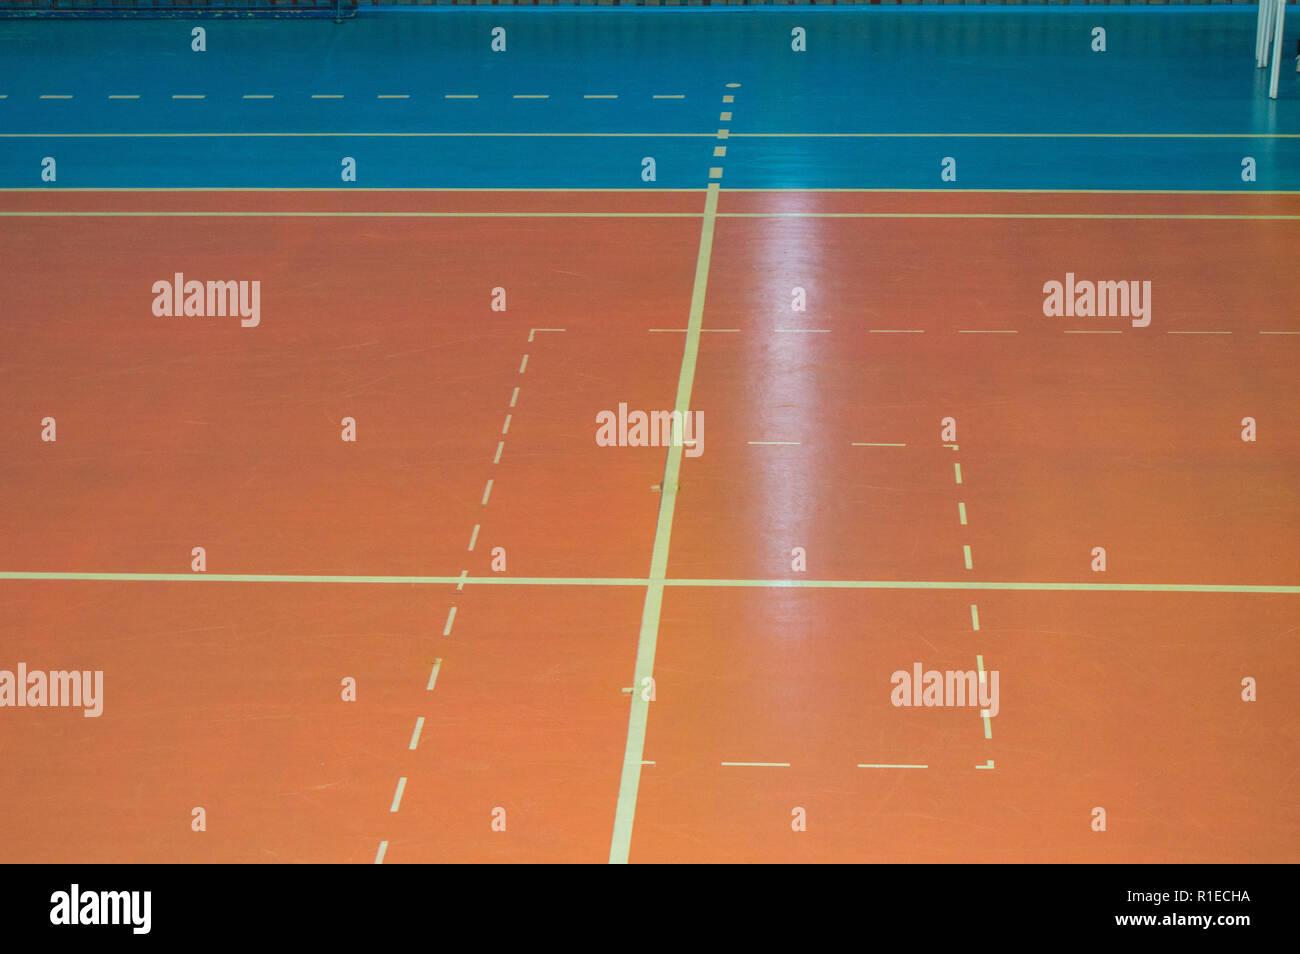 Sol Pour Salle De Sport sports vide salle de formation avec des marques sur le sol